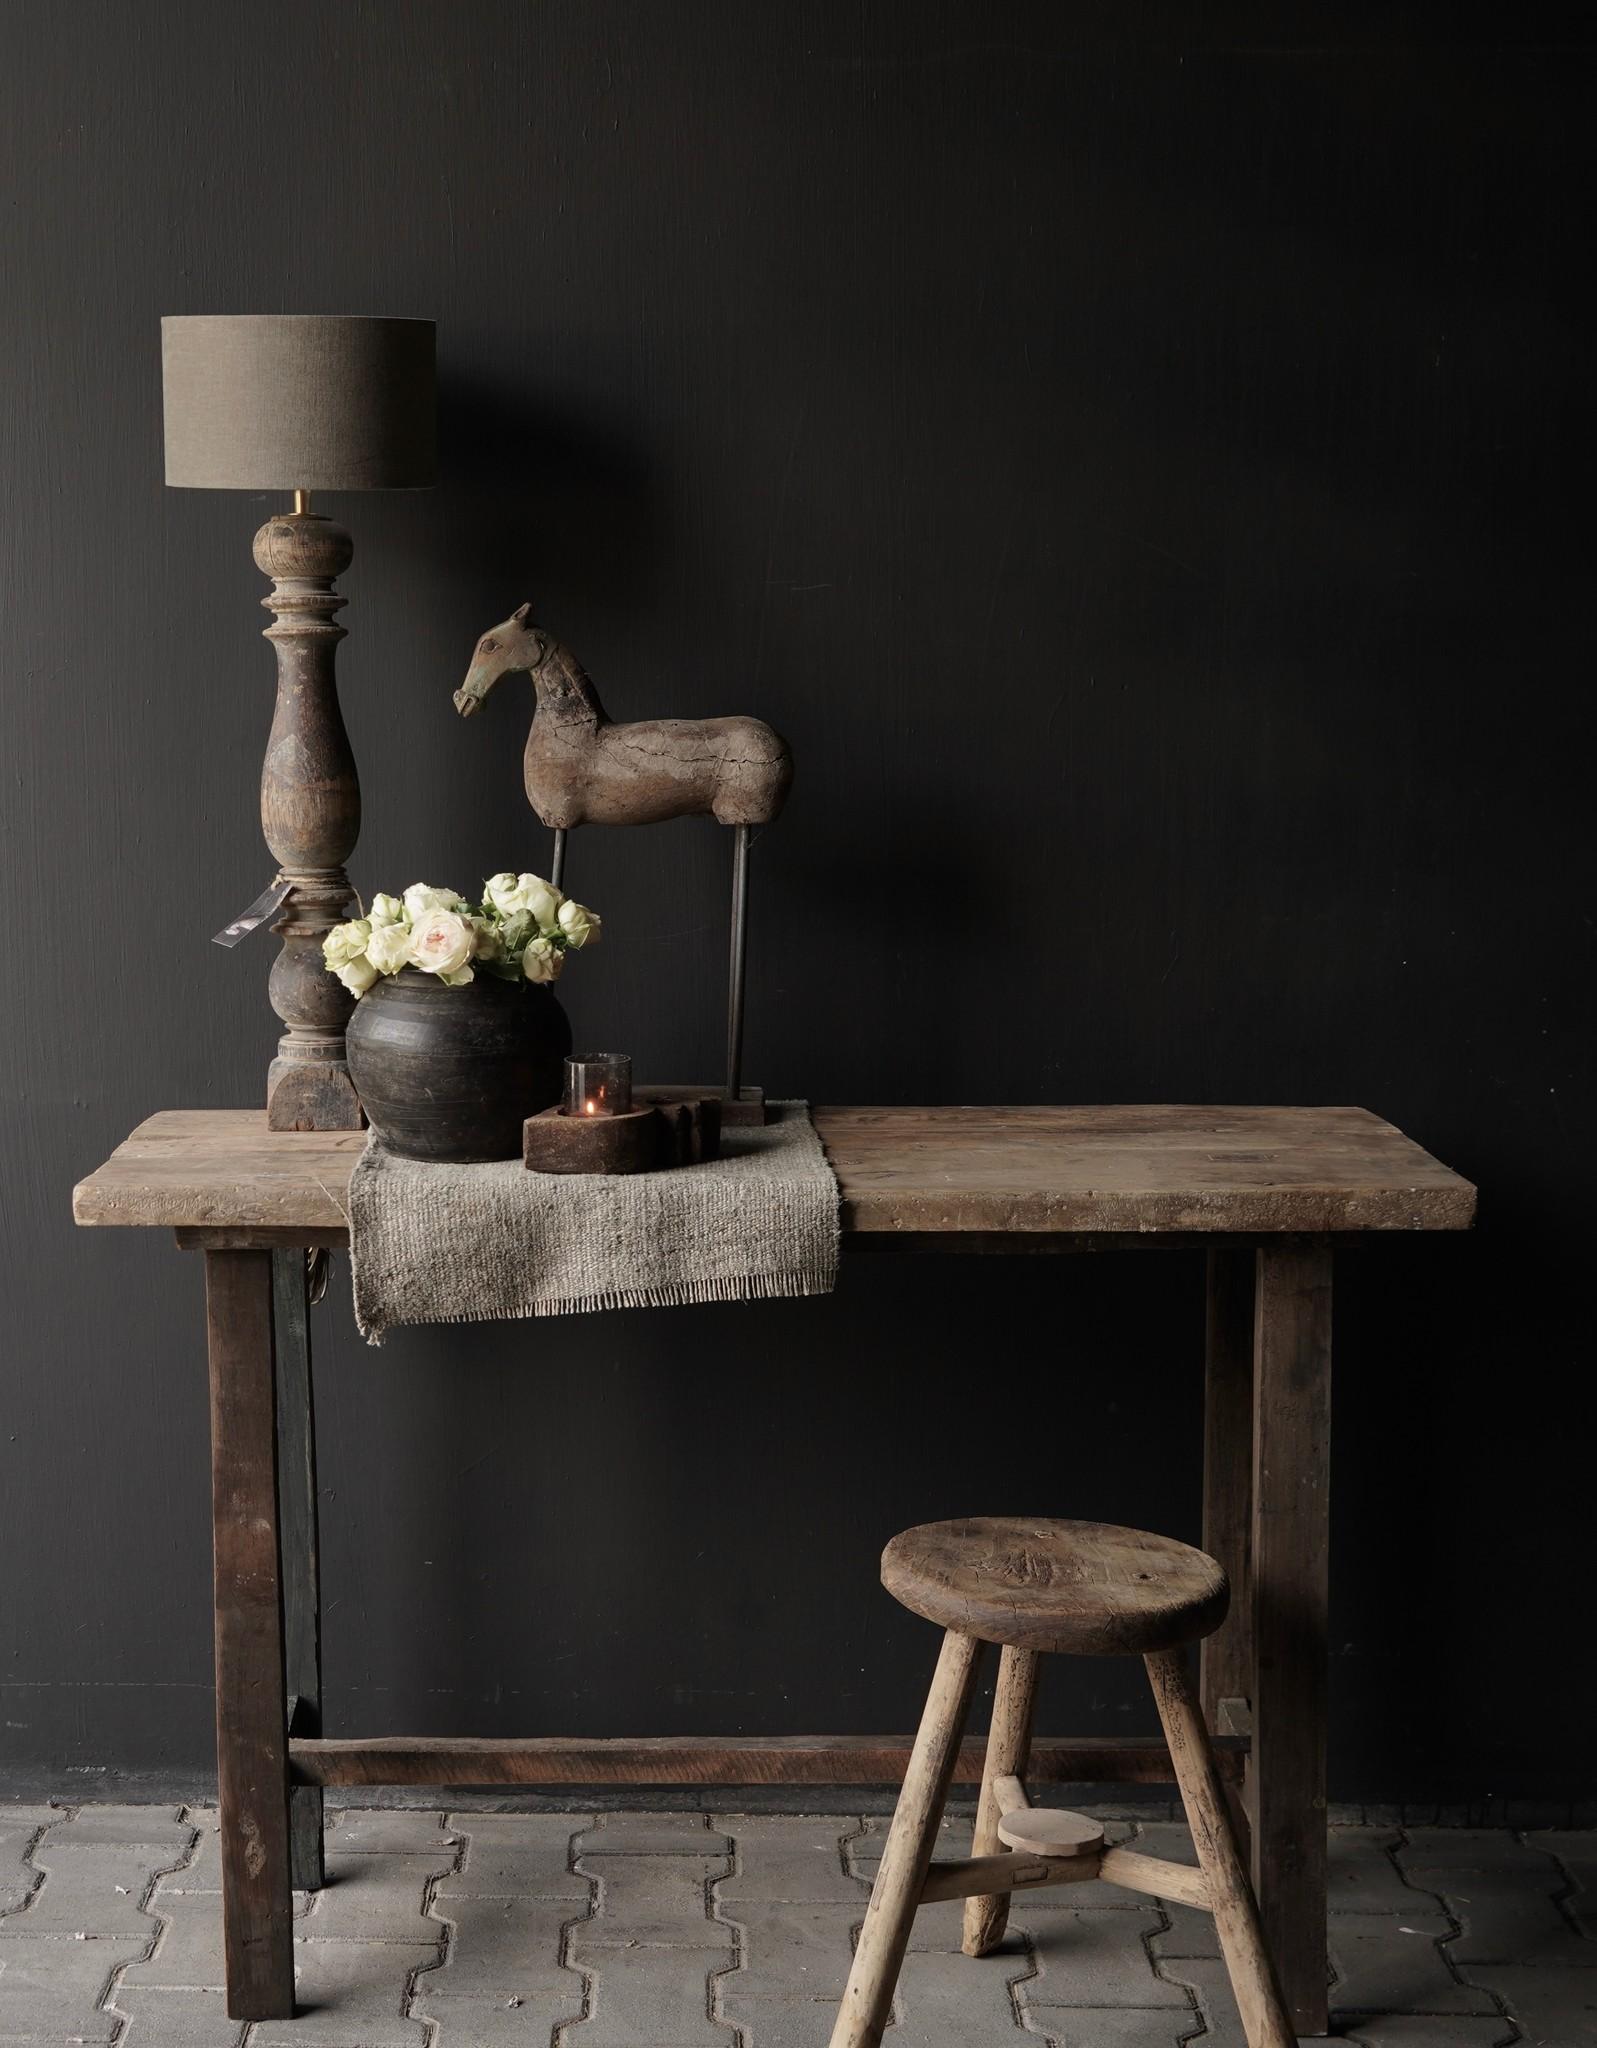 Side table gemaakt van oud stoer robuust oud hout-1